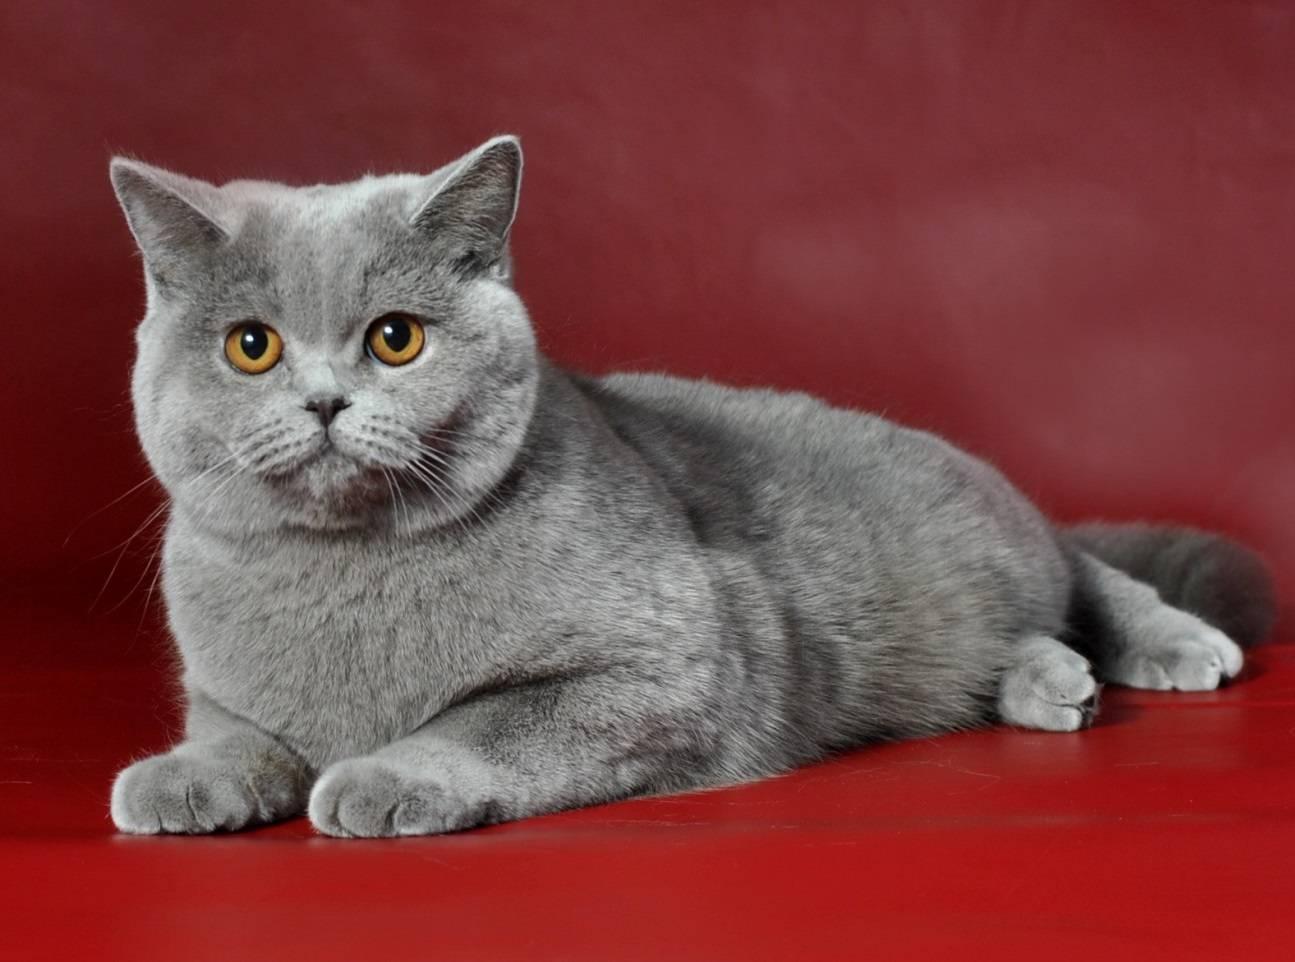 Британская золотая кошка (17 фото): особенности золотистого окраса и описание породы, тонкости ухода за взрослыми котами и котятами